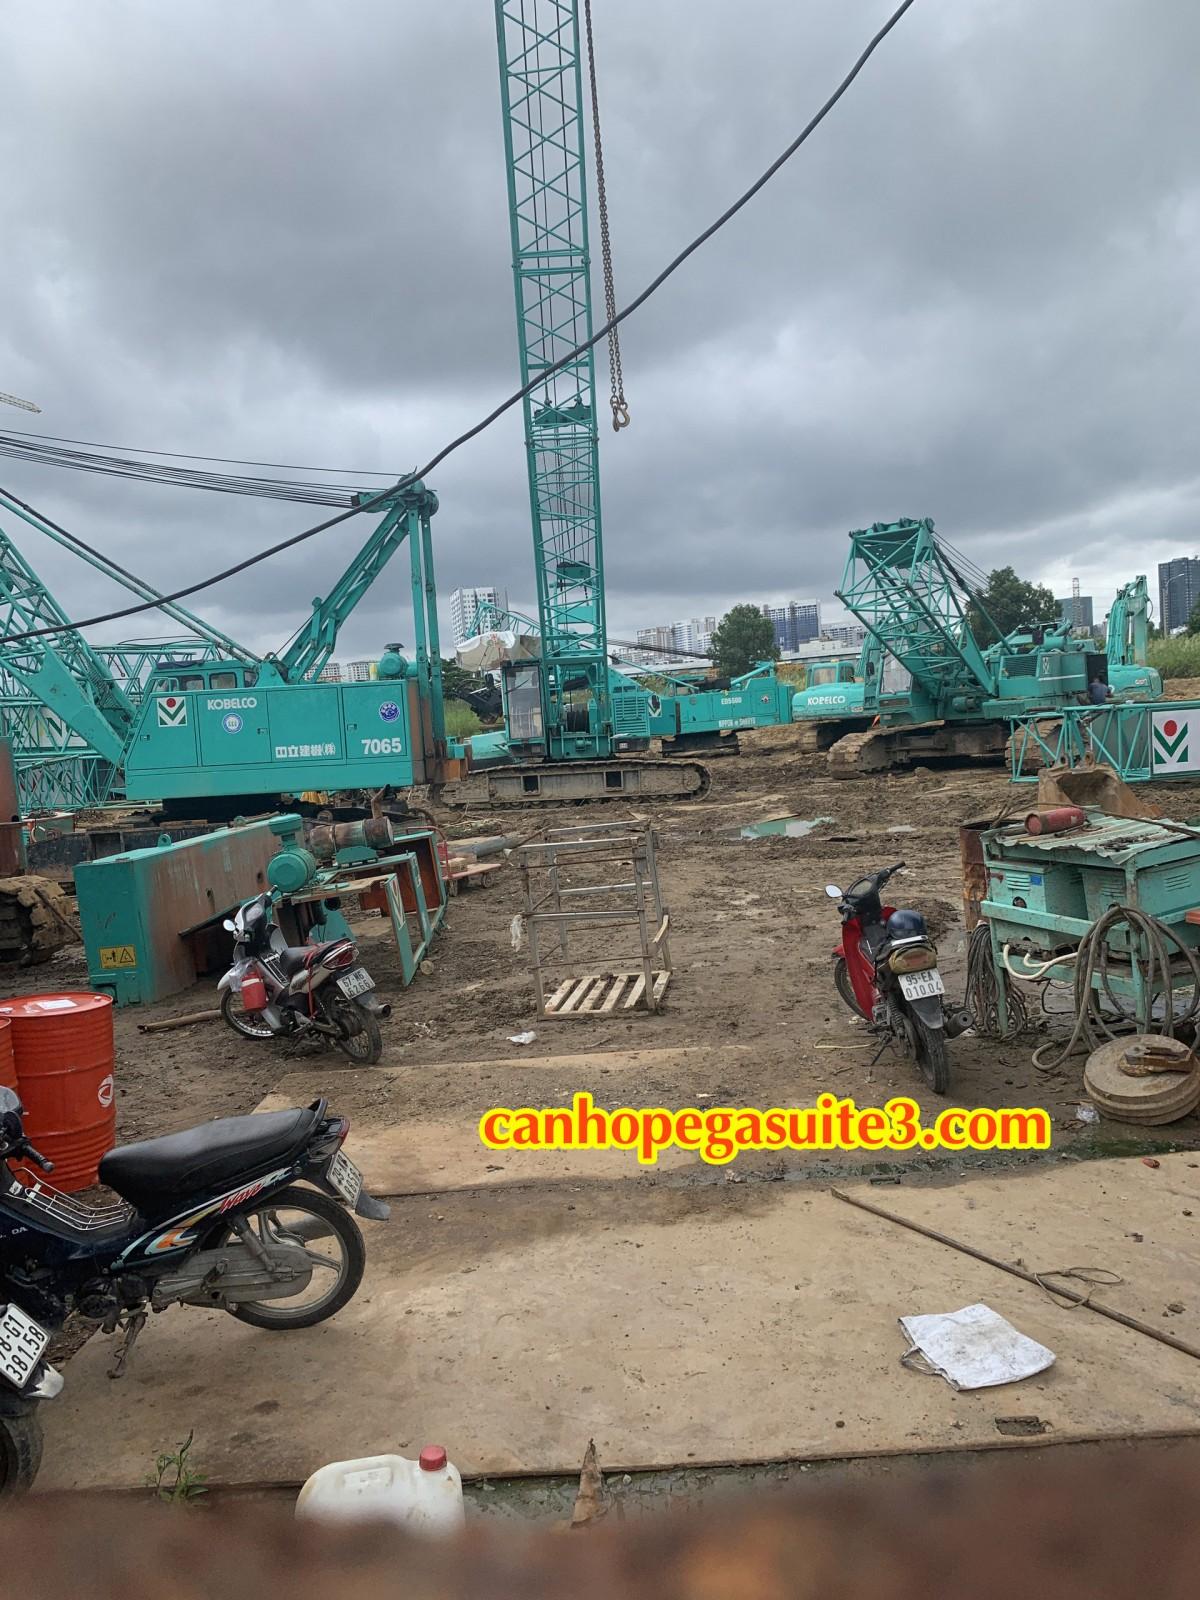 tiến độ xây dựng dự án căn hộ the pegasuite 3 quận 7